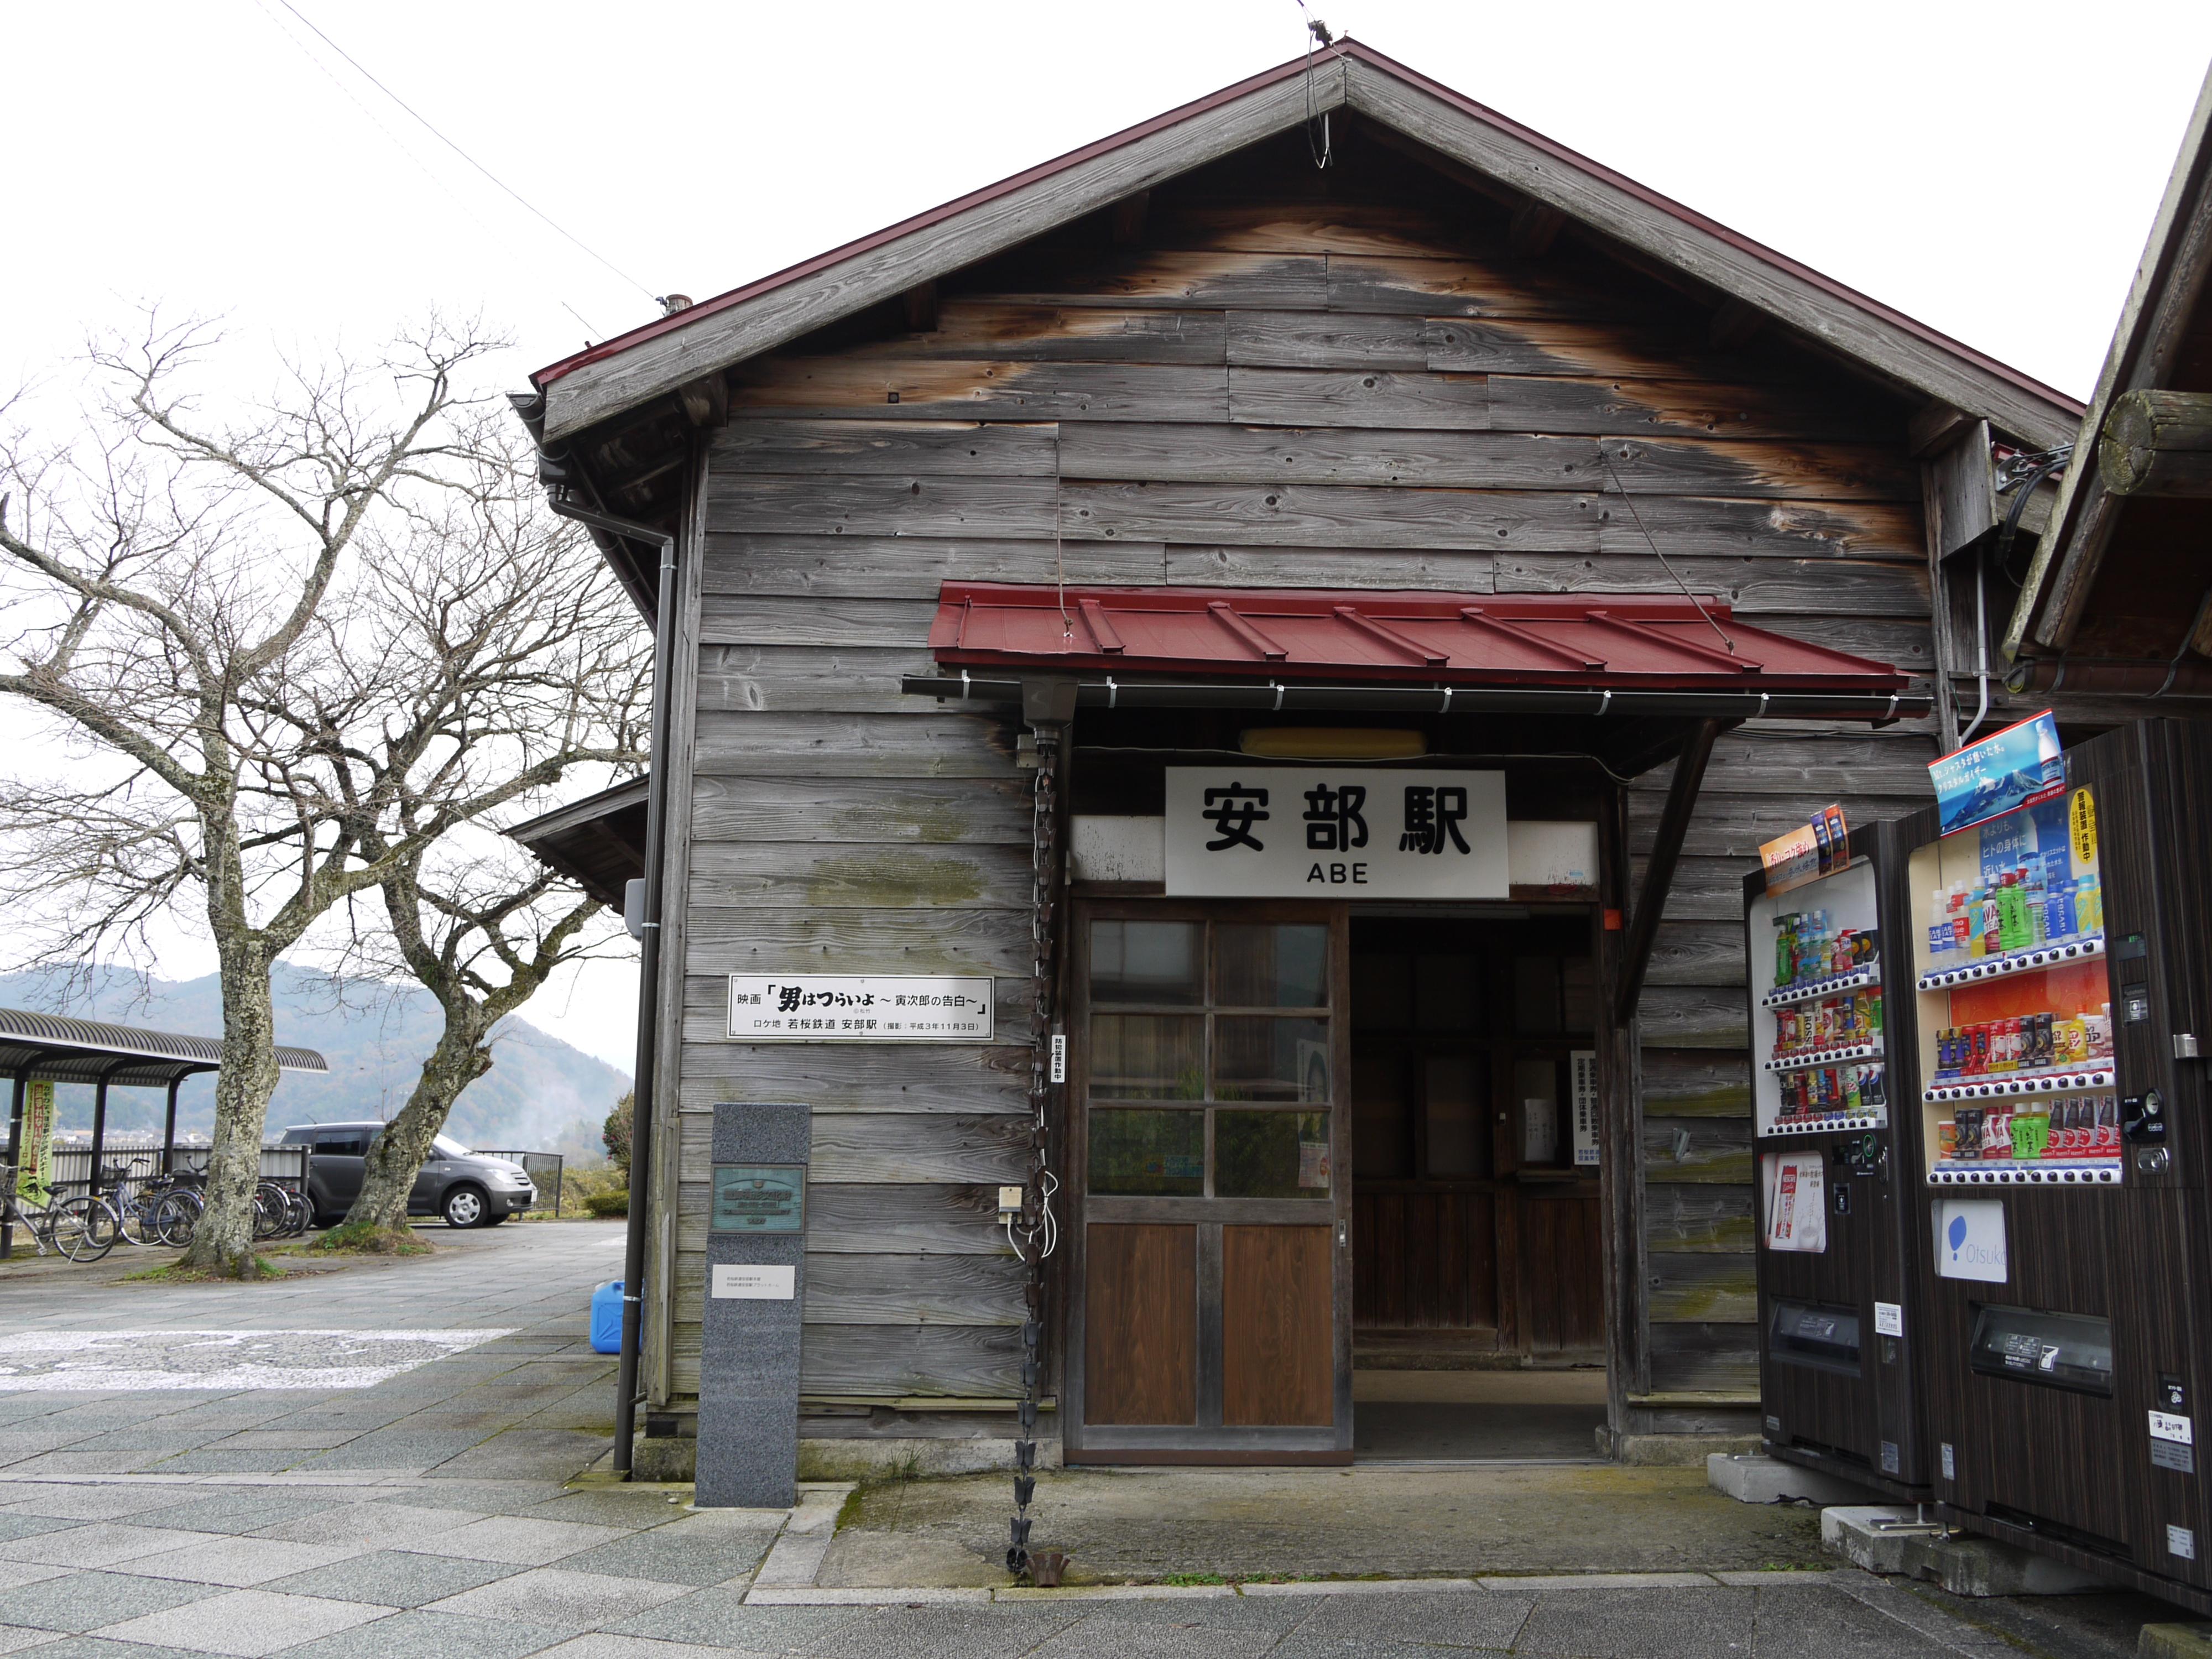 木造の鉄道駅 安部駅